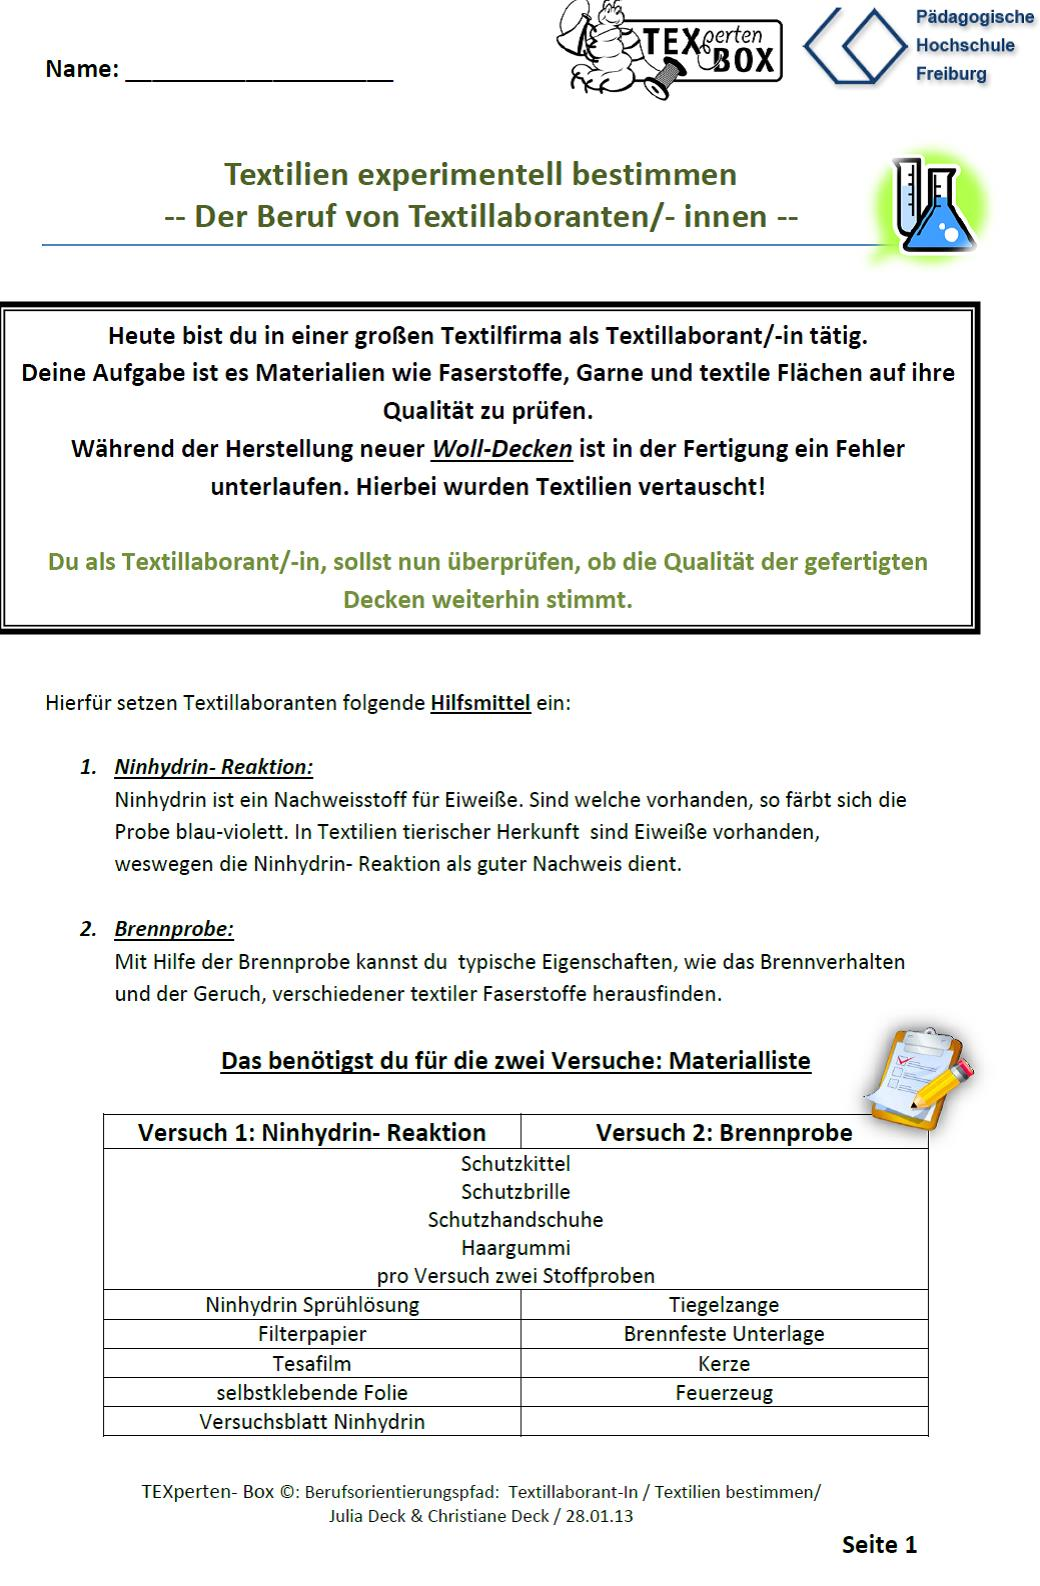 Textilberufe Hands-on: Lehramtsstudierende entwickeln einen ...